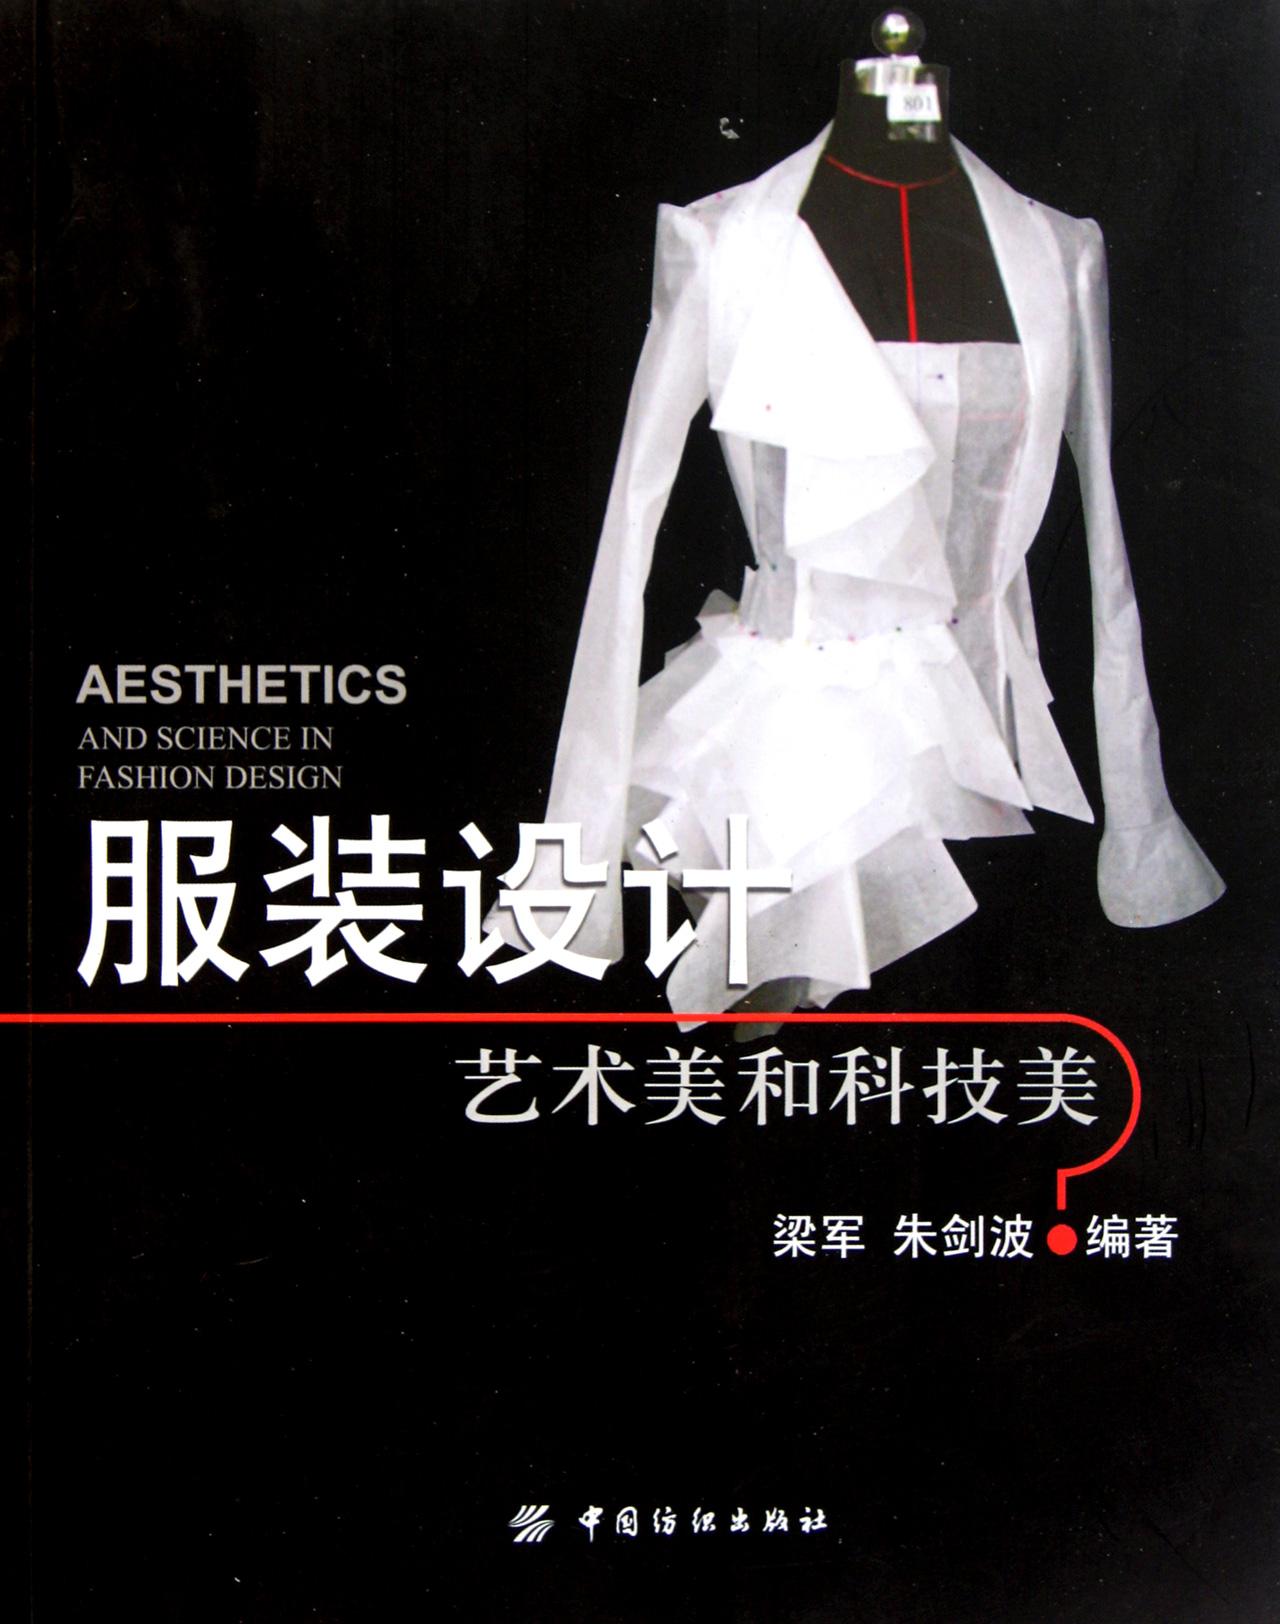 服装设计艺术美和科技美